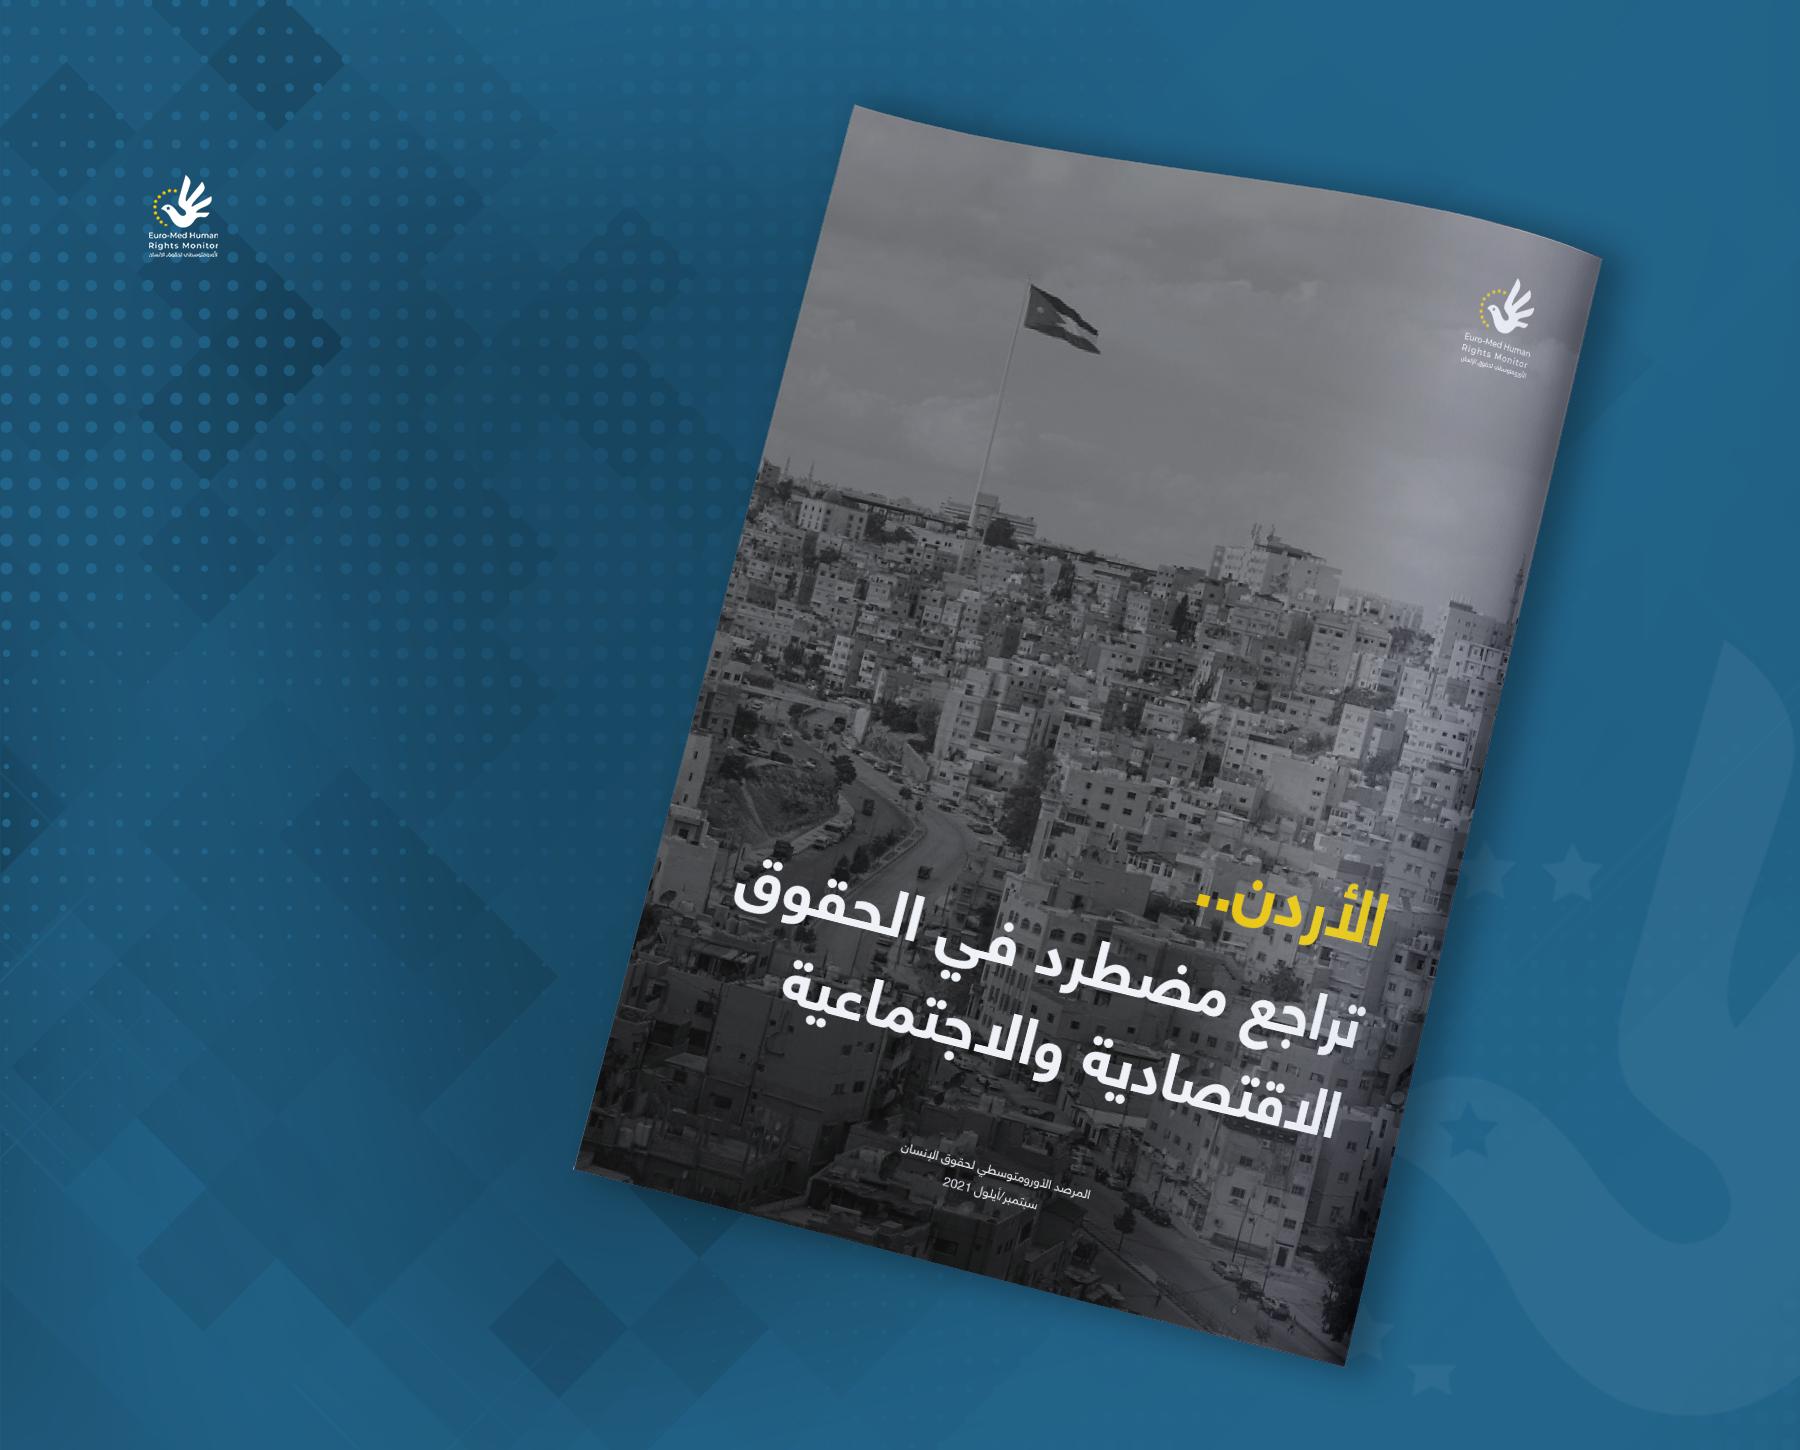 تقرير جديد.. الأزمات الاقتصادية والاجتماعية في الأردن تهدد حقوق وحريات المواطنين